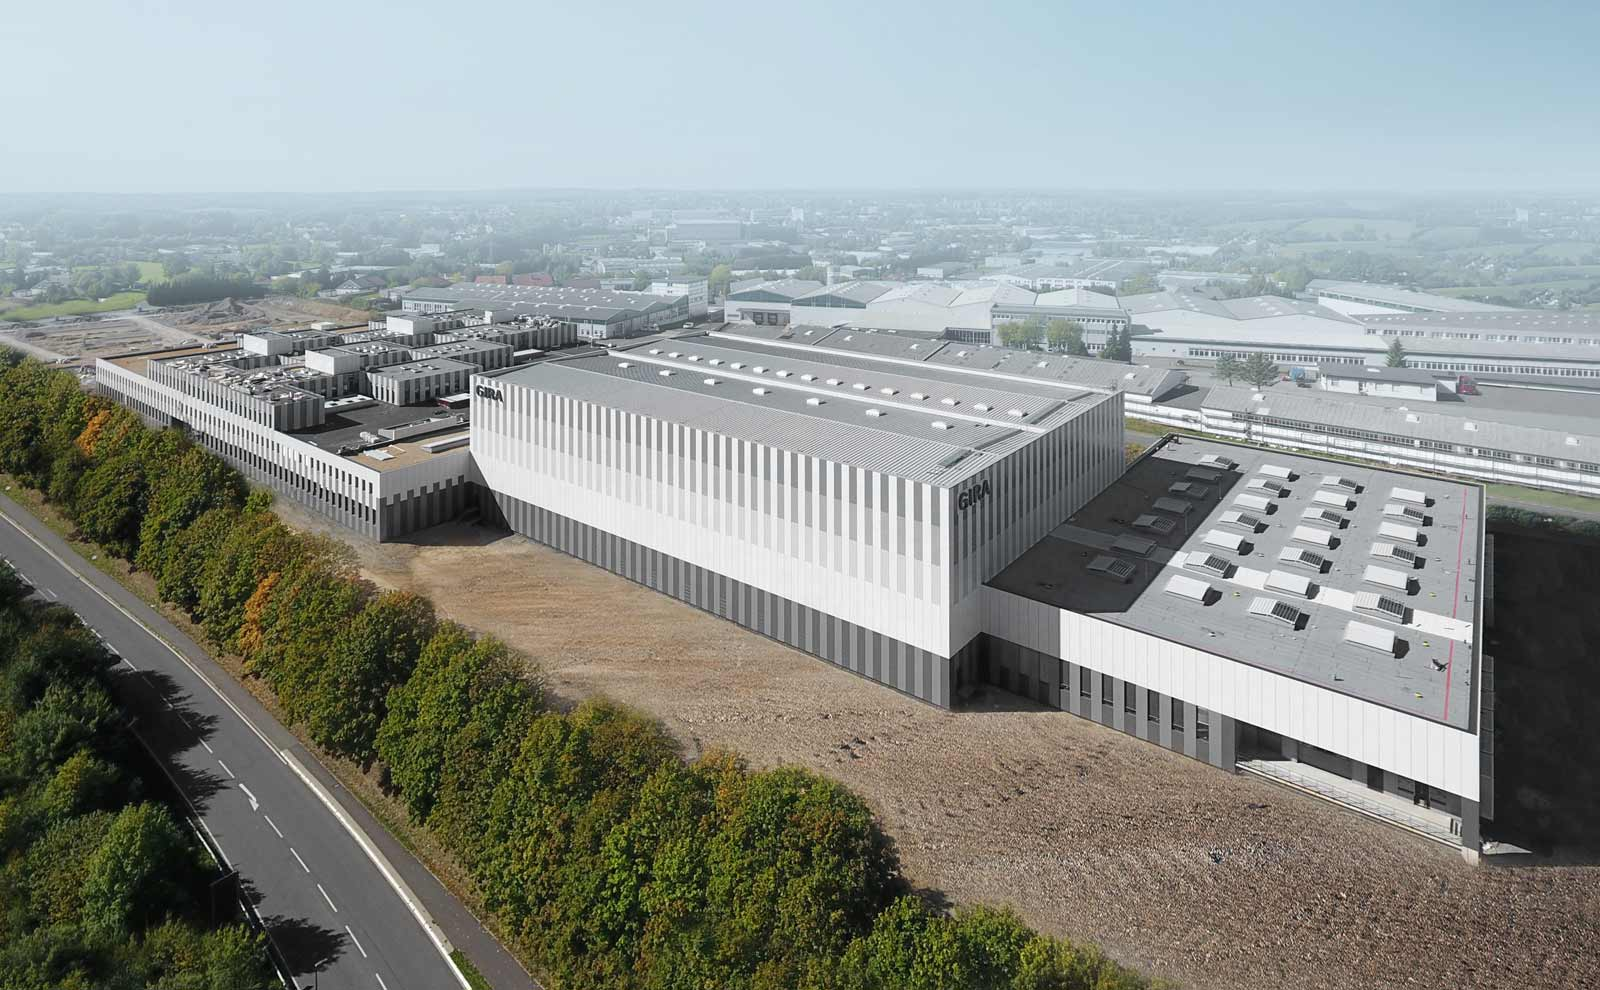 Forschung und Fertigung wurden im Gira Neubau von Sauberbruch & Hutton an einem Ort konzentriert